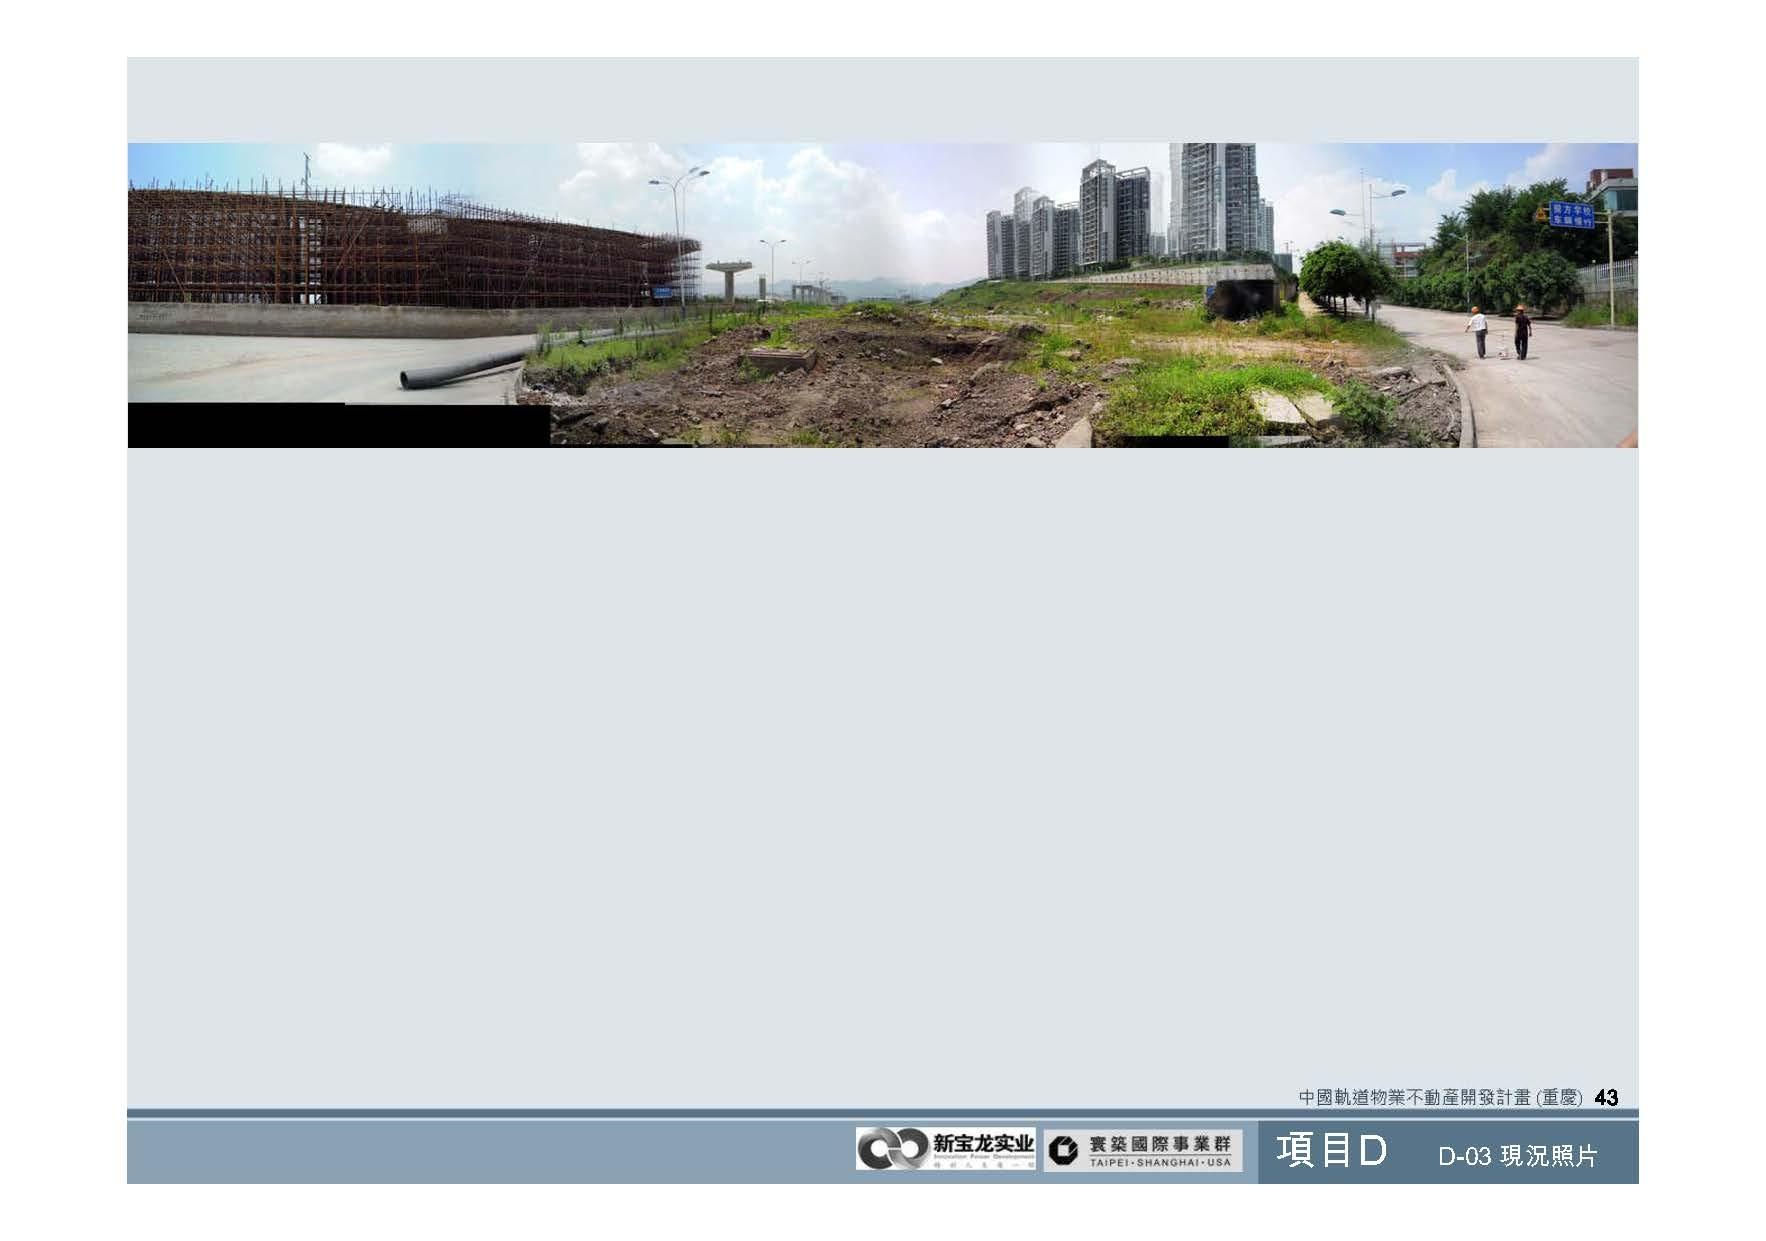 20100812-中國軌道物業不動產開發計畫(重慶)_頁面_44